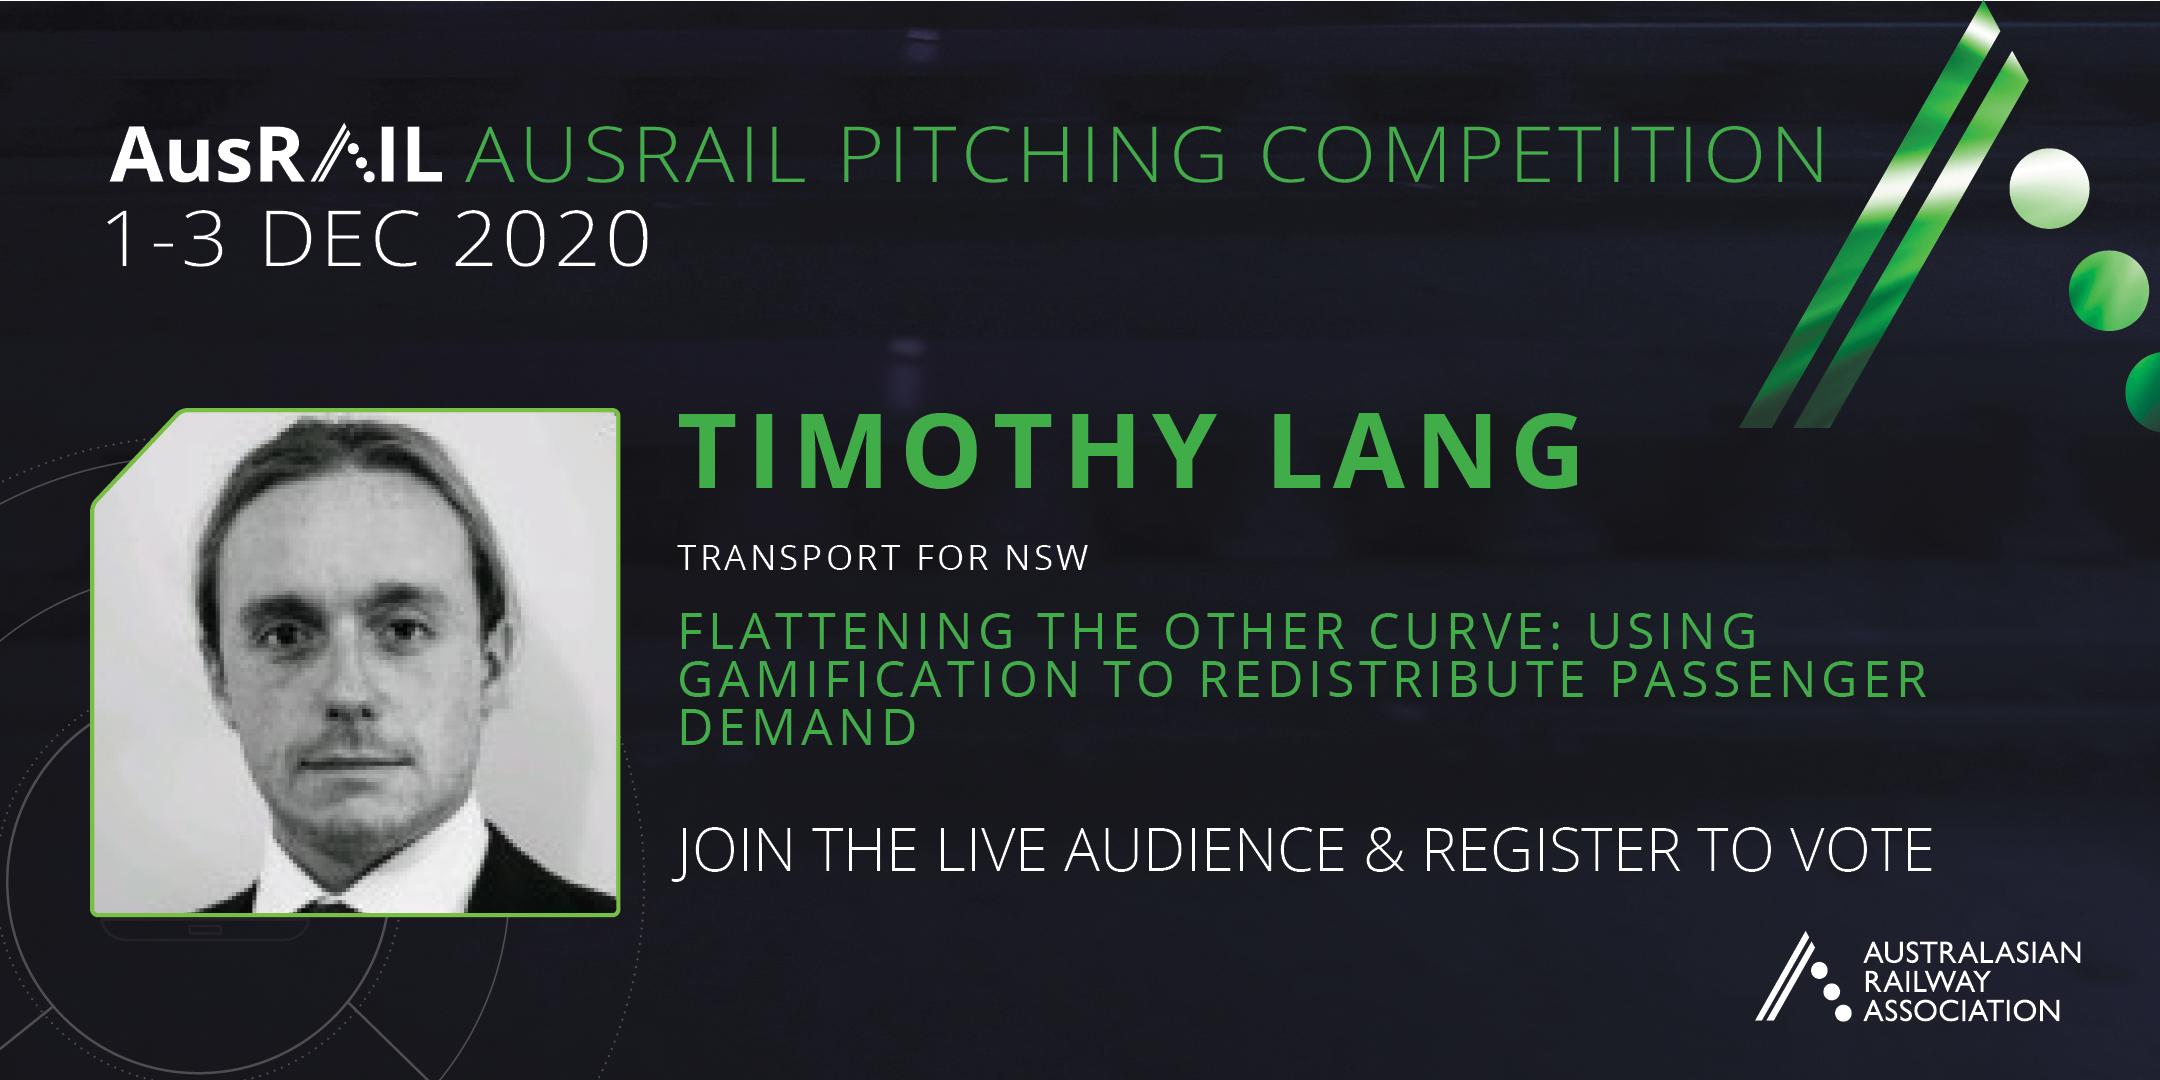 Timothy Lang